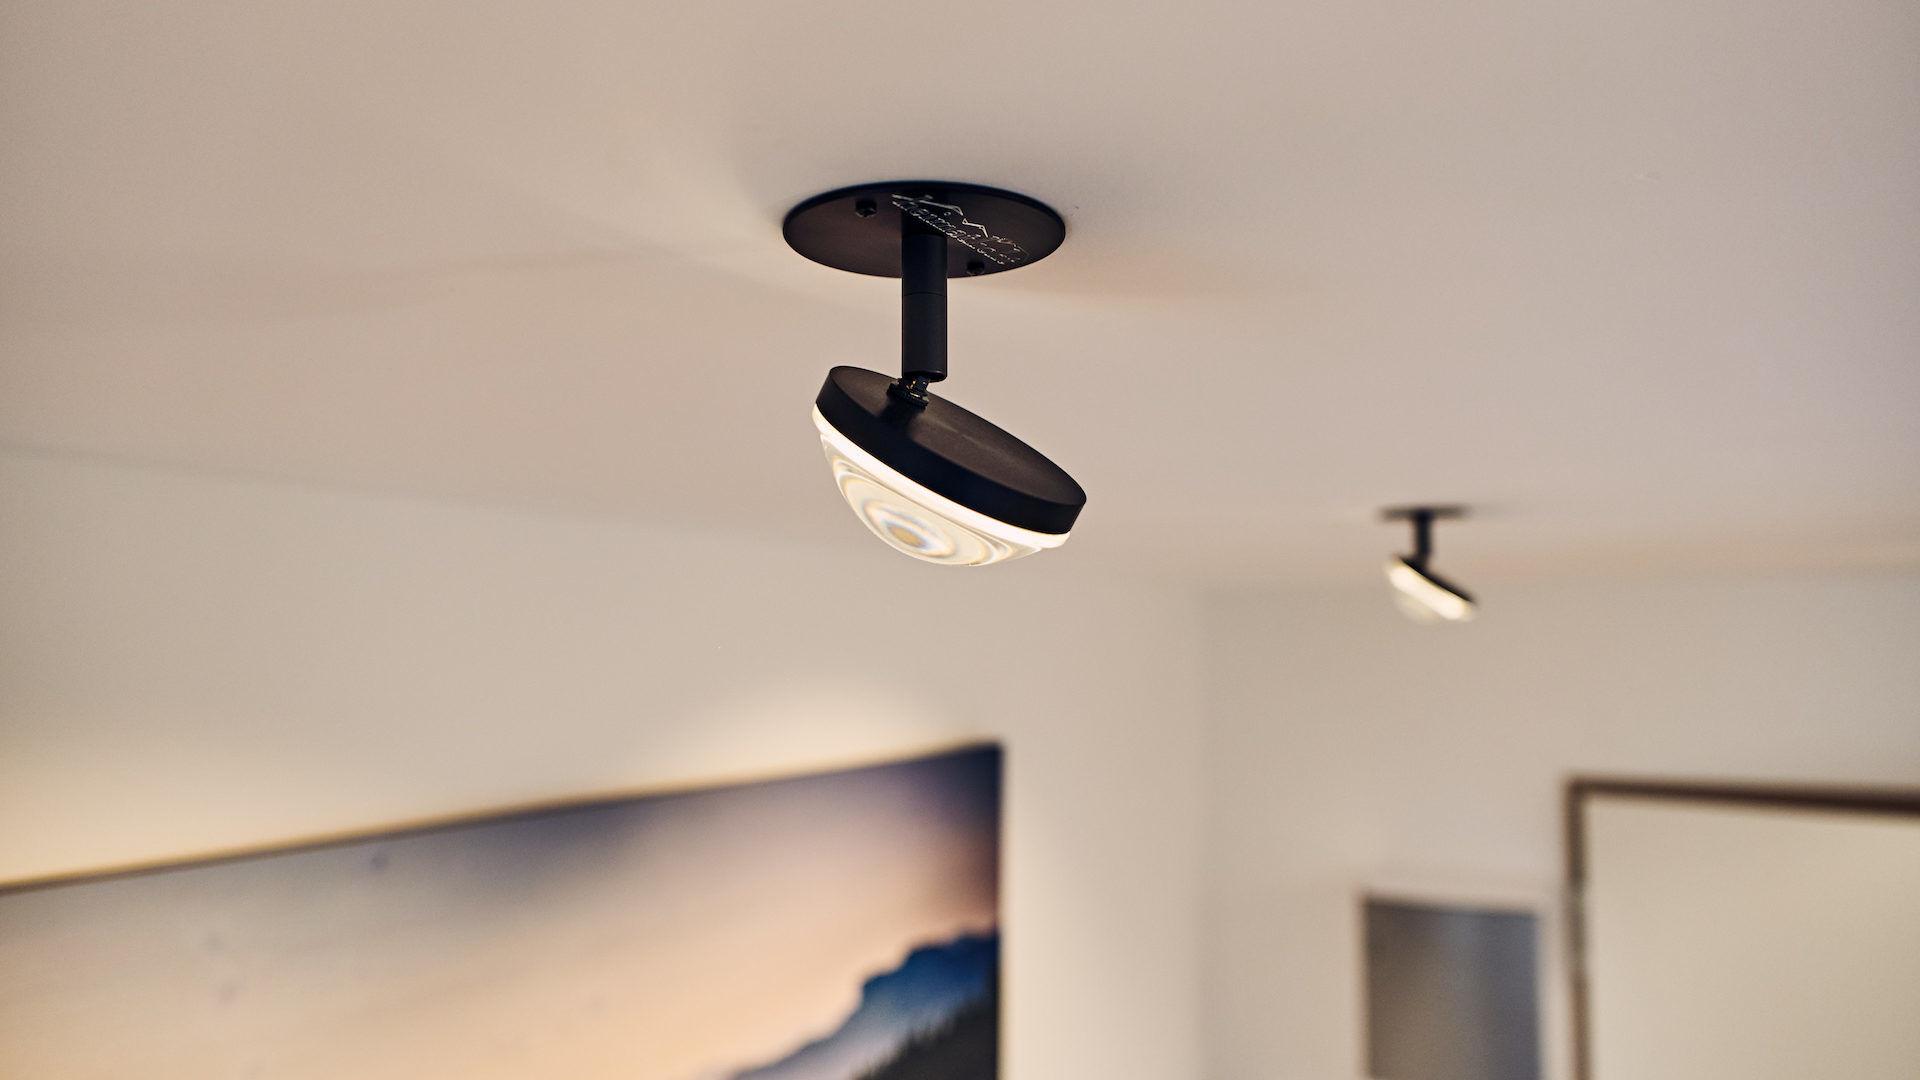 Glaslinsen LED Strahler für Deckeneinsatz, Arzt Praxis, Bad Endorf